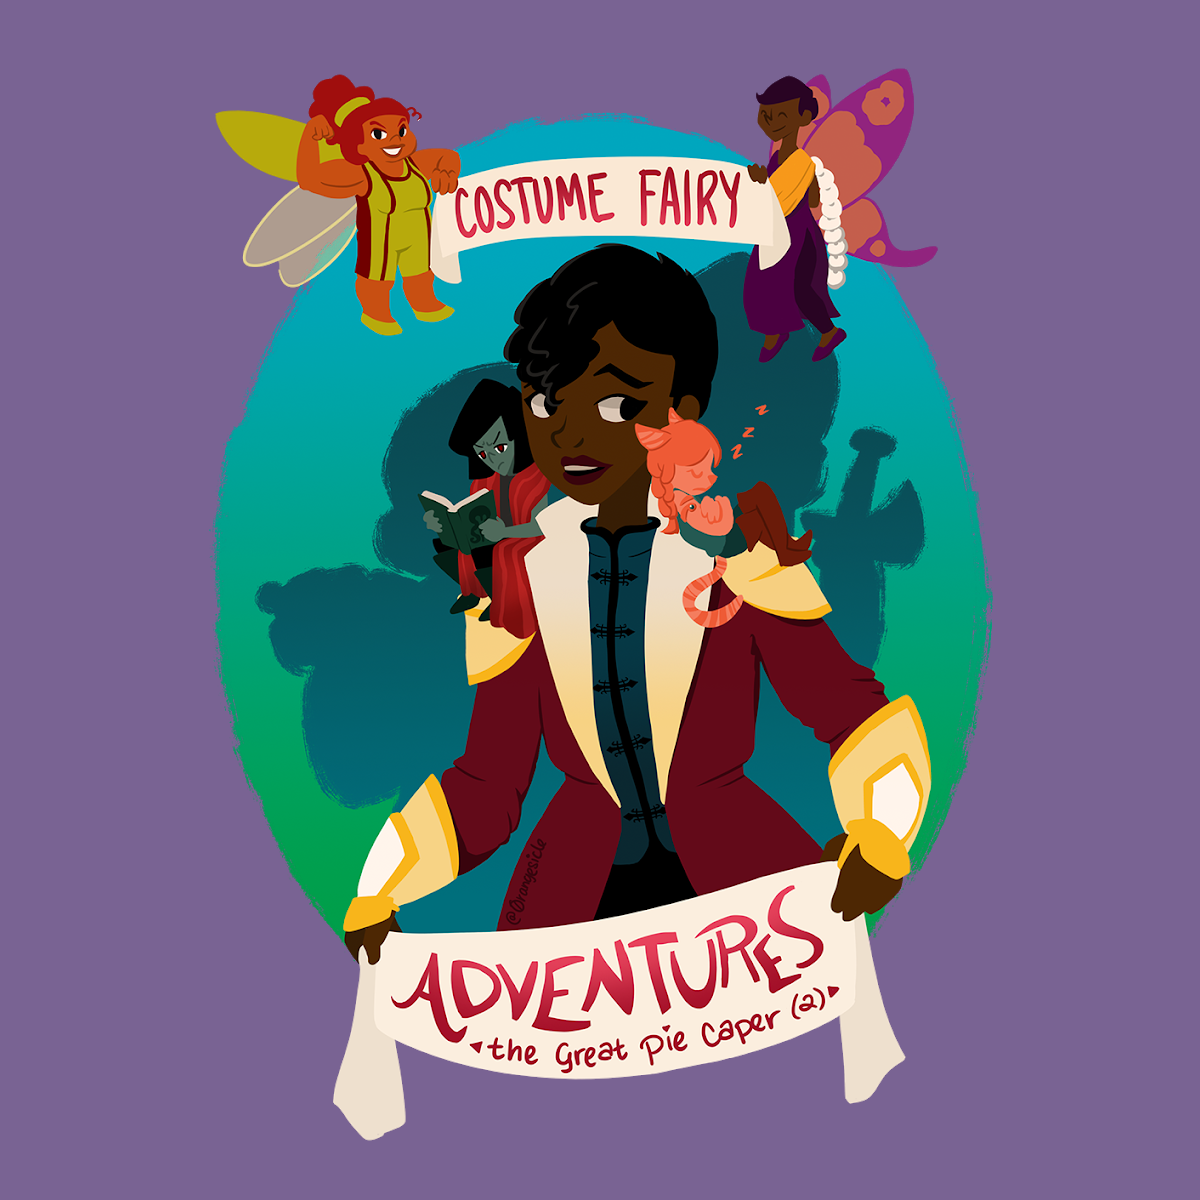 costume fairy adventures 2 sq.png